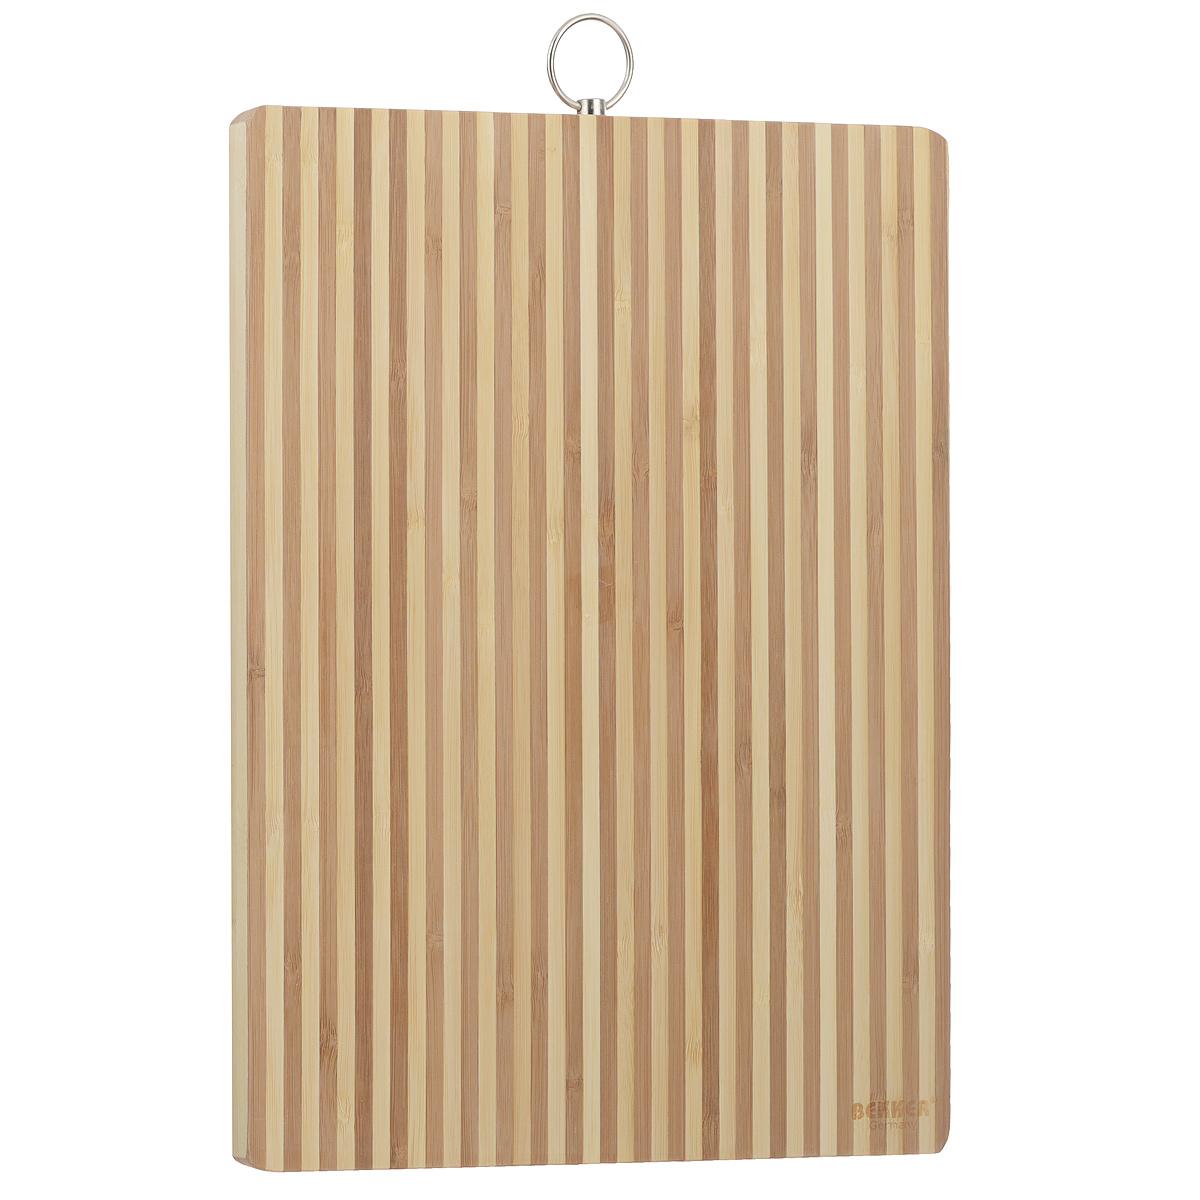 Доска разделочная Bekker, бамбуковая, 34 см х 24 см. BK-9705115510Прямоугольная разделочная доска Bekker изготовлена из высококачественной древесины бамбука, обладающей антибактериальными свойствами. Бамбук - инновационный материал, идеально подходящий для разделочных досок. Доски из бамбука обладают высокой плотностью структуры древесины, а также устойчивы к механическим воздействиям. Доска оснащена крючком для подвешивания. Функциональная и простая в использовании, разделочная доска Bekker прекрасно впишется в интерьер любой кухни и прослужит вам долгие годы.